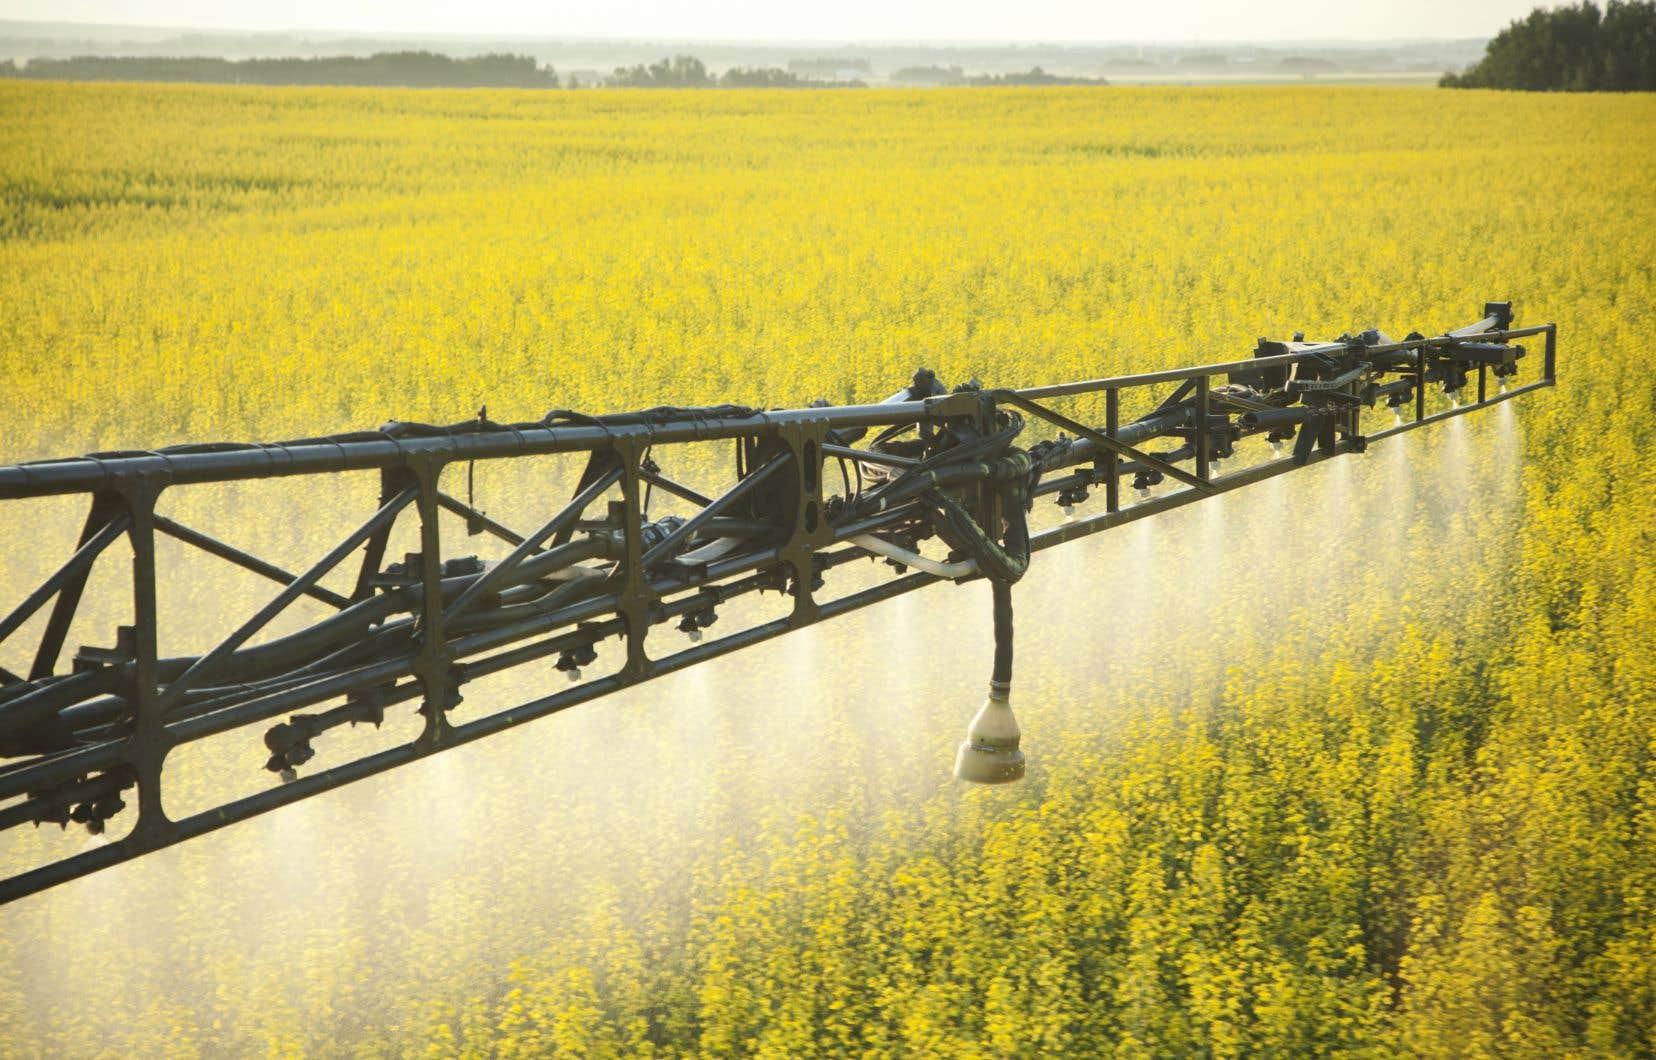 Du sort du glyphosate, sur la sellette en Europe, à celui des organismes génétiquement modifiés, l'avenir du secteur dépend largement des futures politiques en environnement et de sécurité alimentaire.